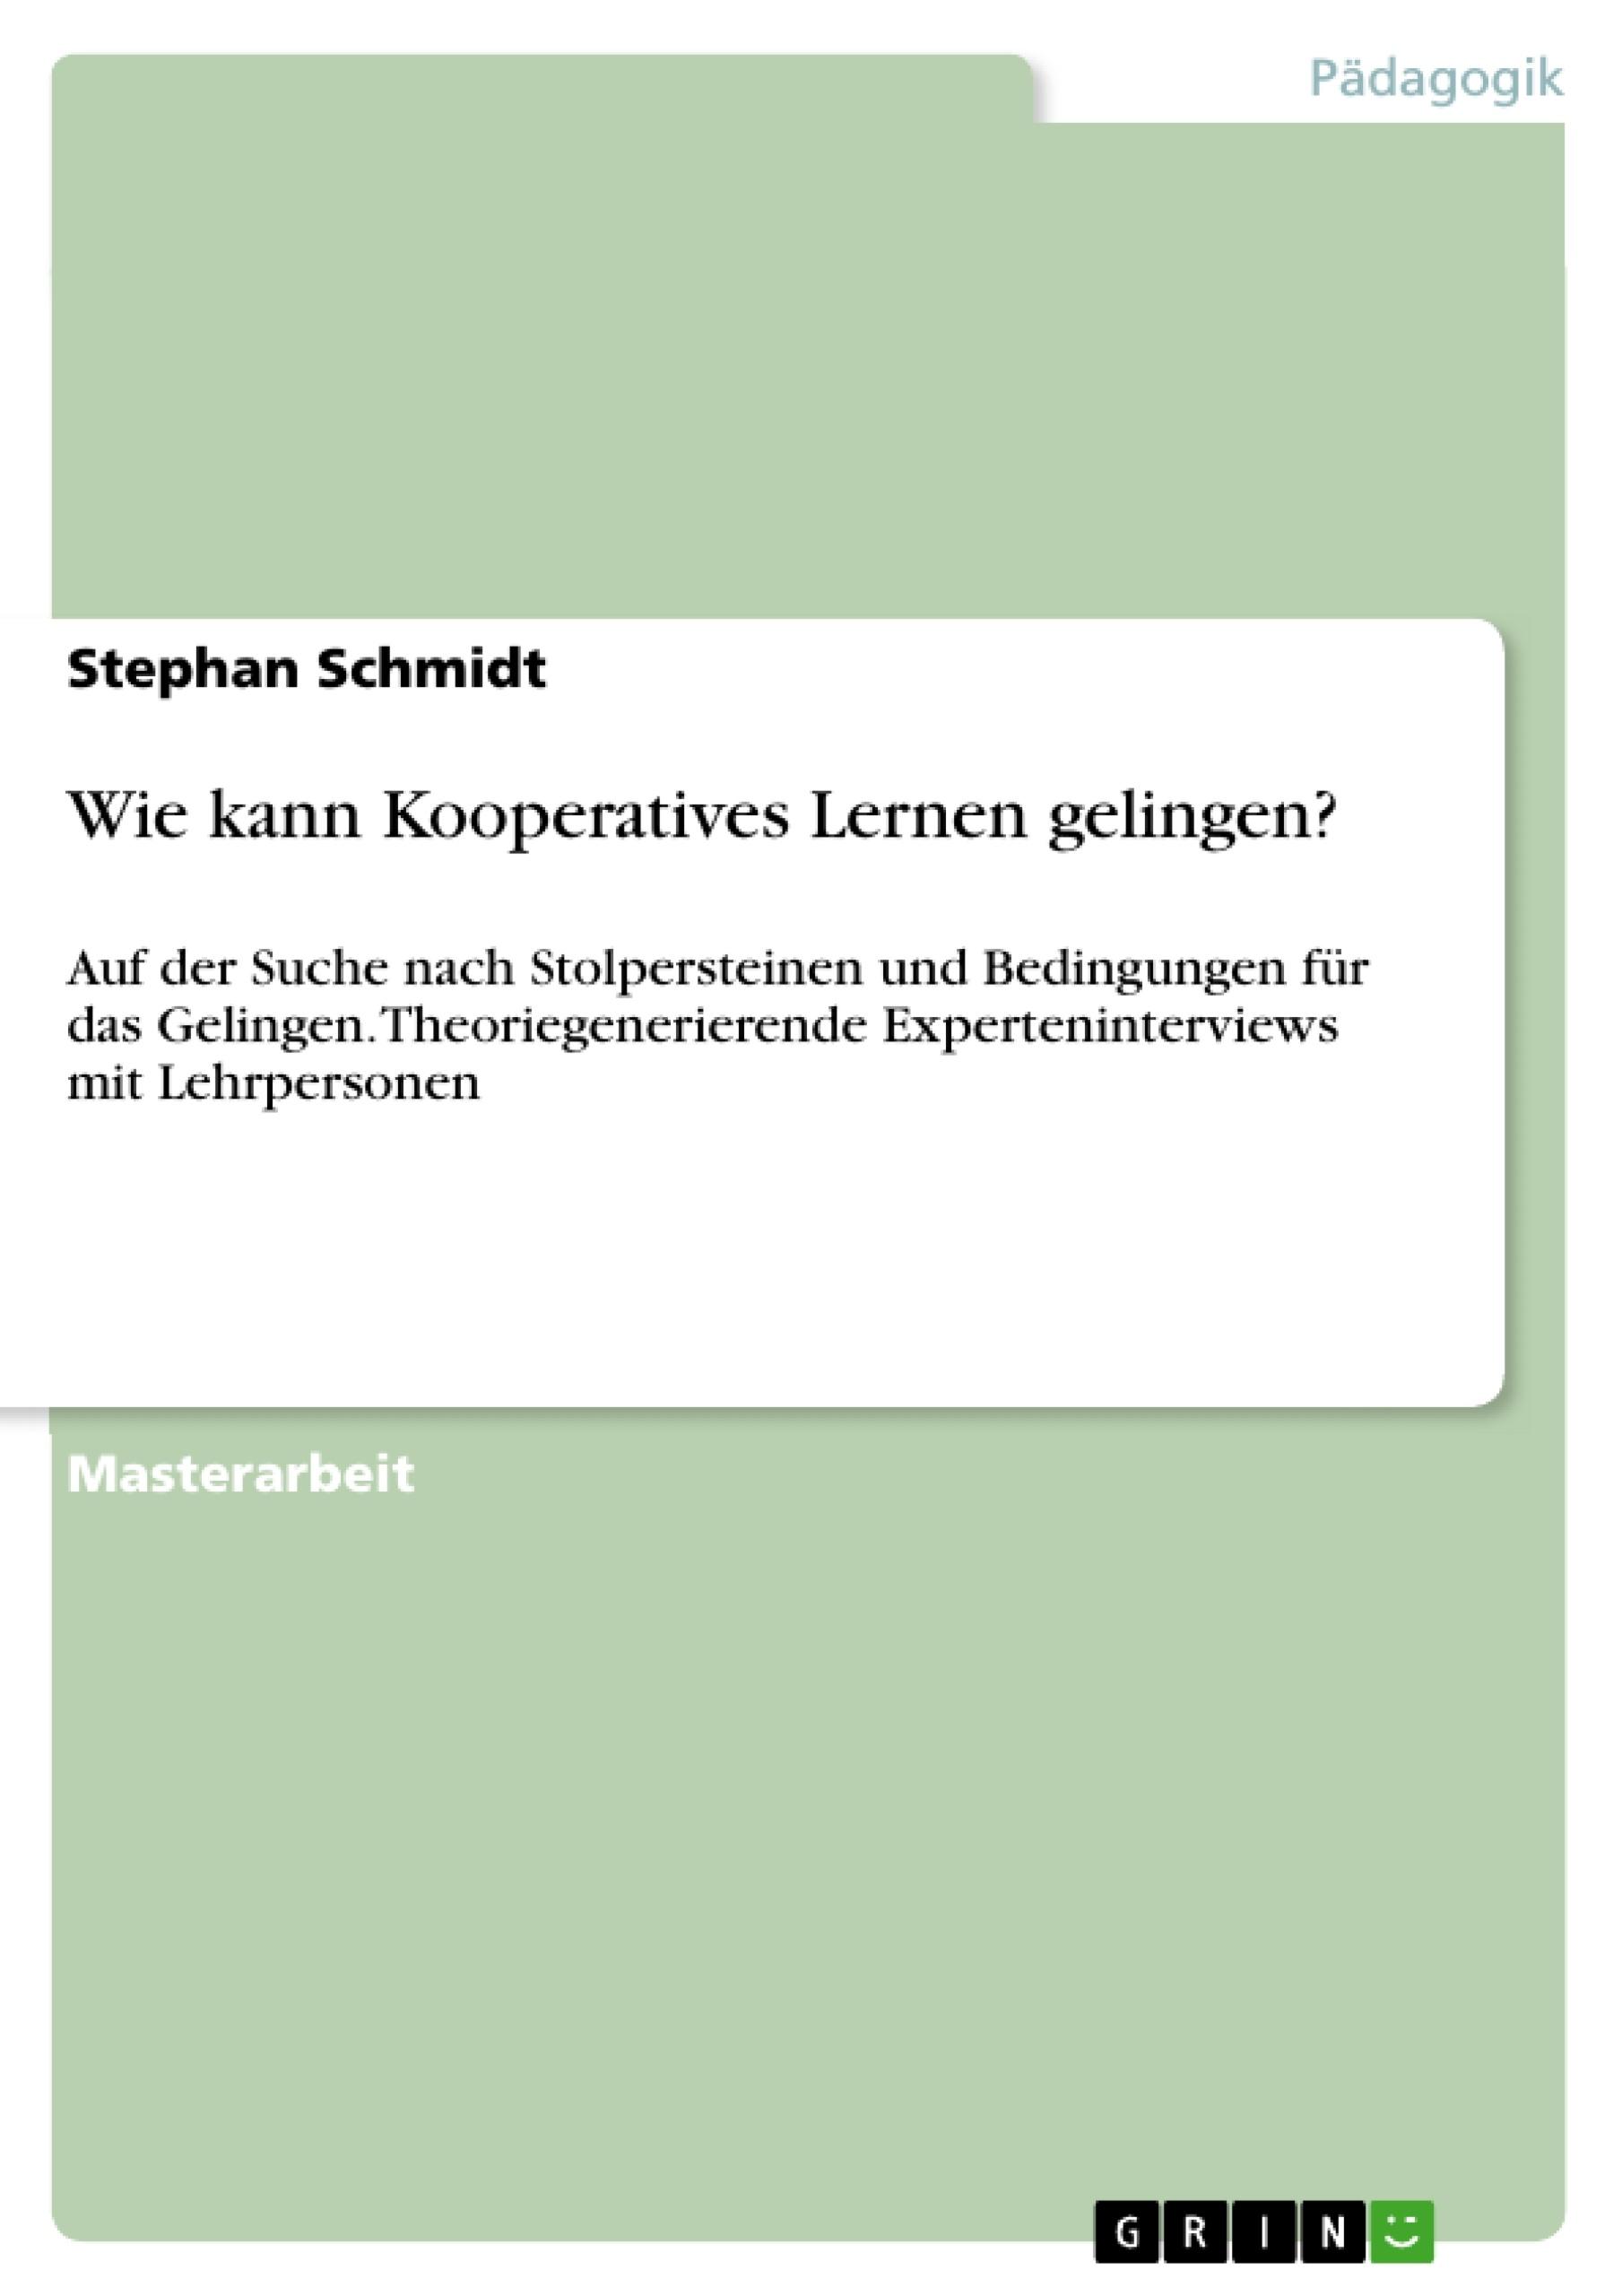 Titel: Wie kann Kooperatives Lernen gelingen?